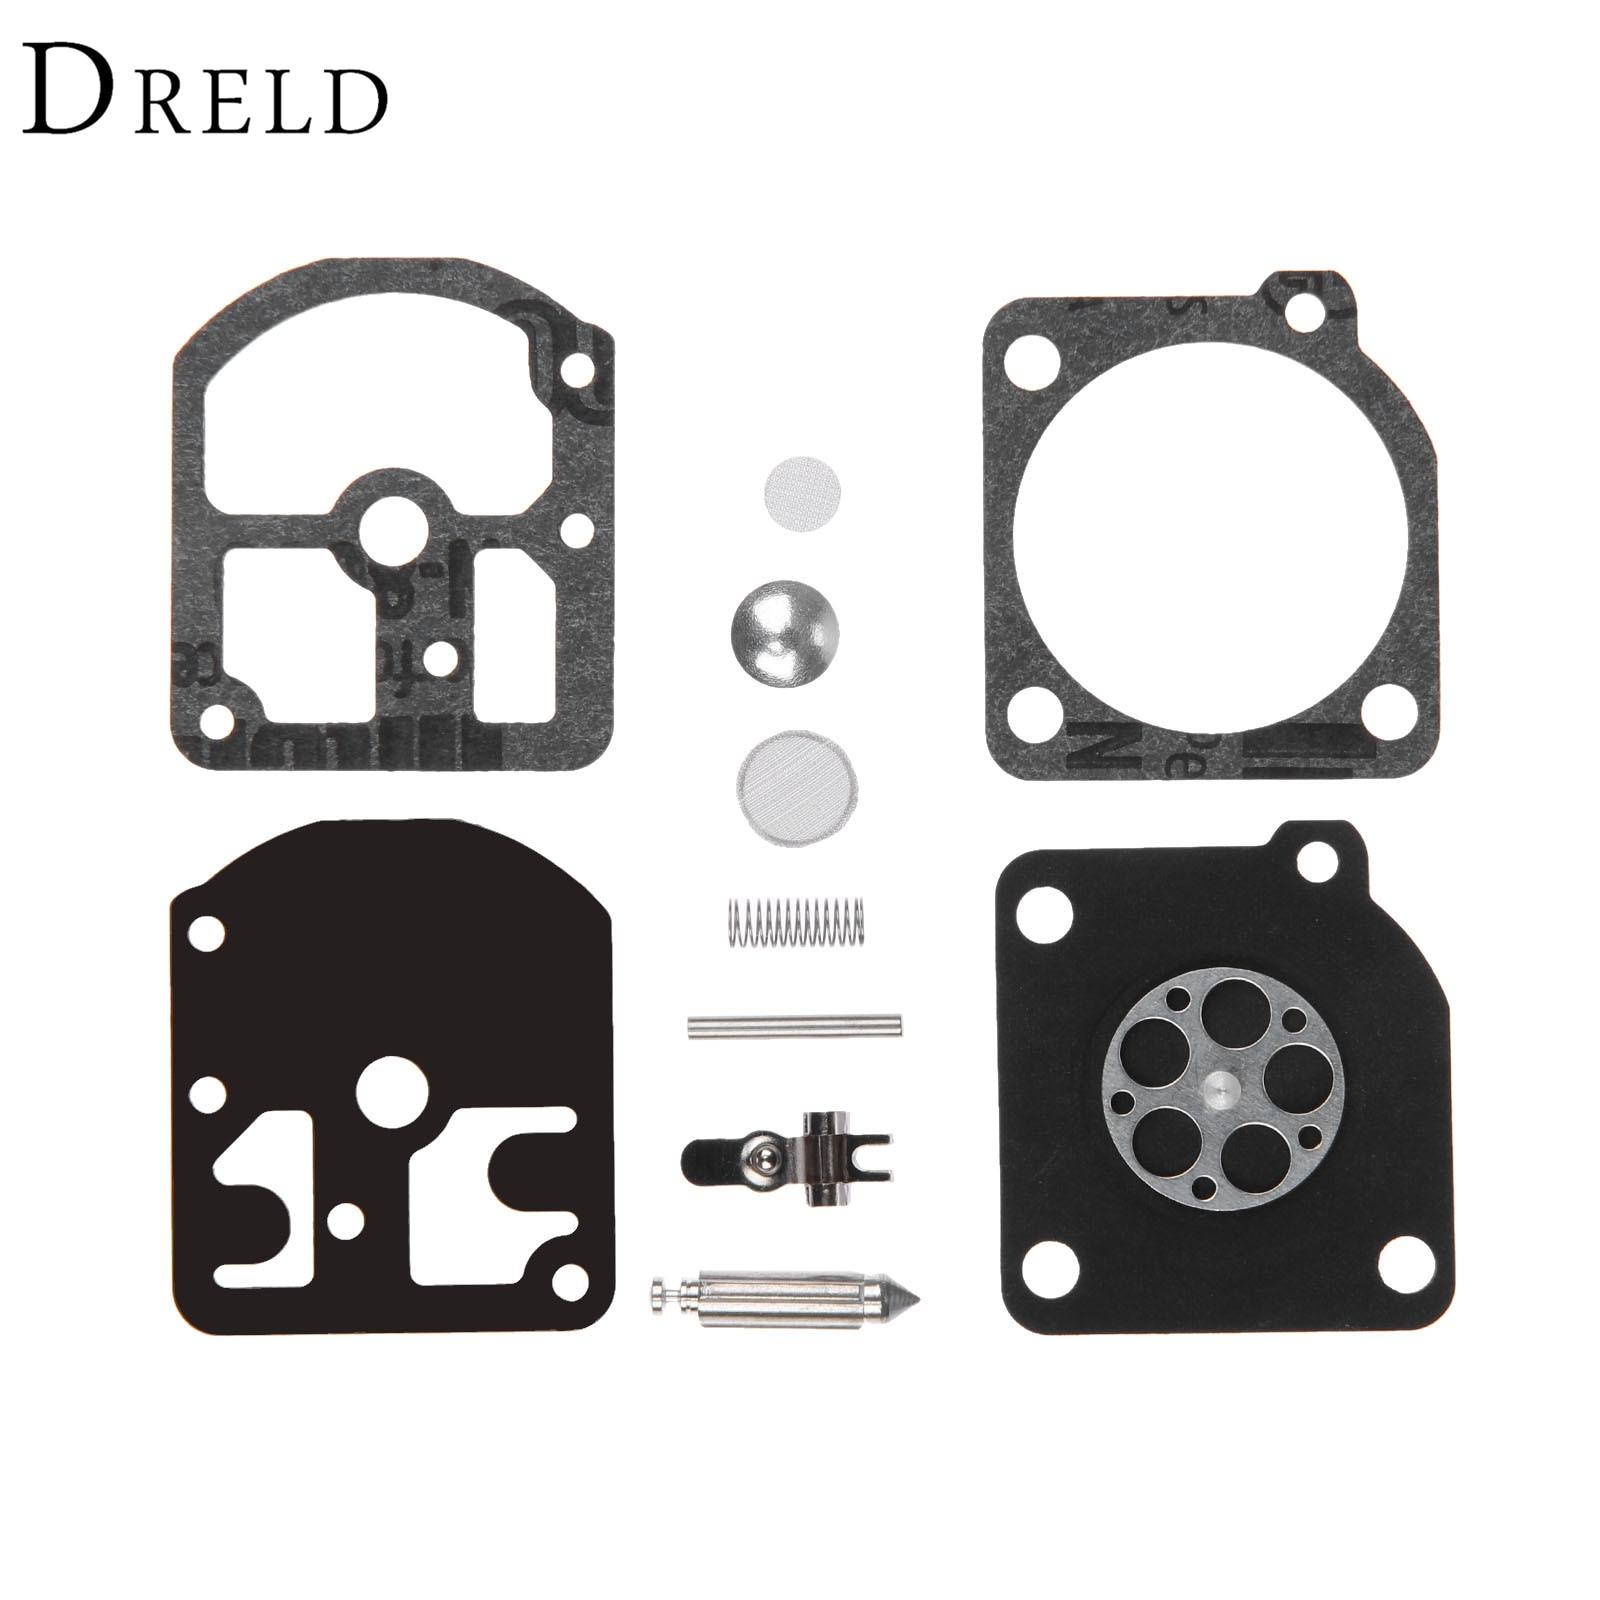 DRELD RB-11 Carburetor Carb Rebuild Tool Repair Gasket Kit For Stihl 009 010 011 012 011AV C1S-S1A C1S-S1B Chainsaw Parts AE0815